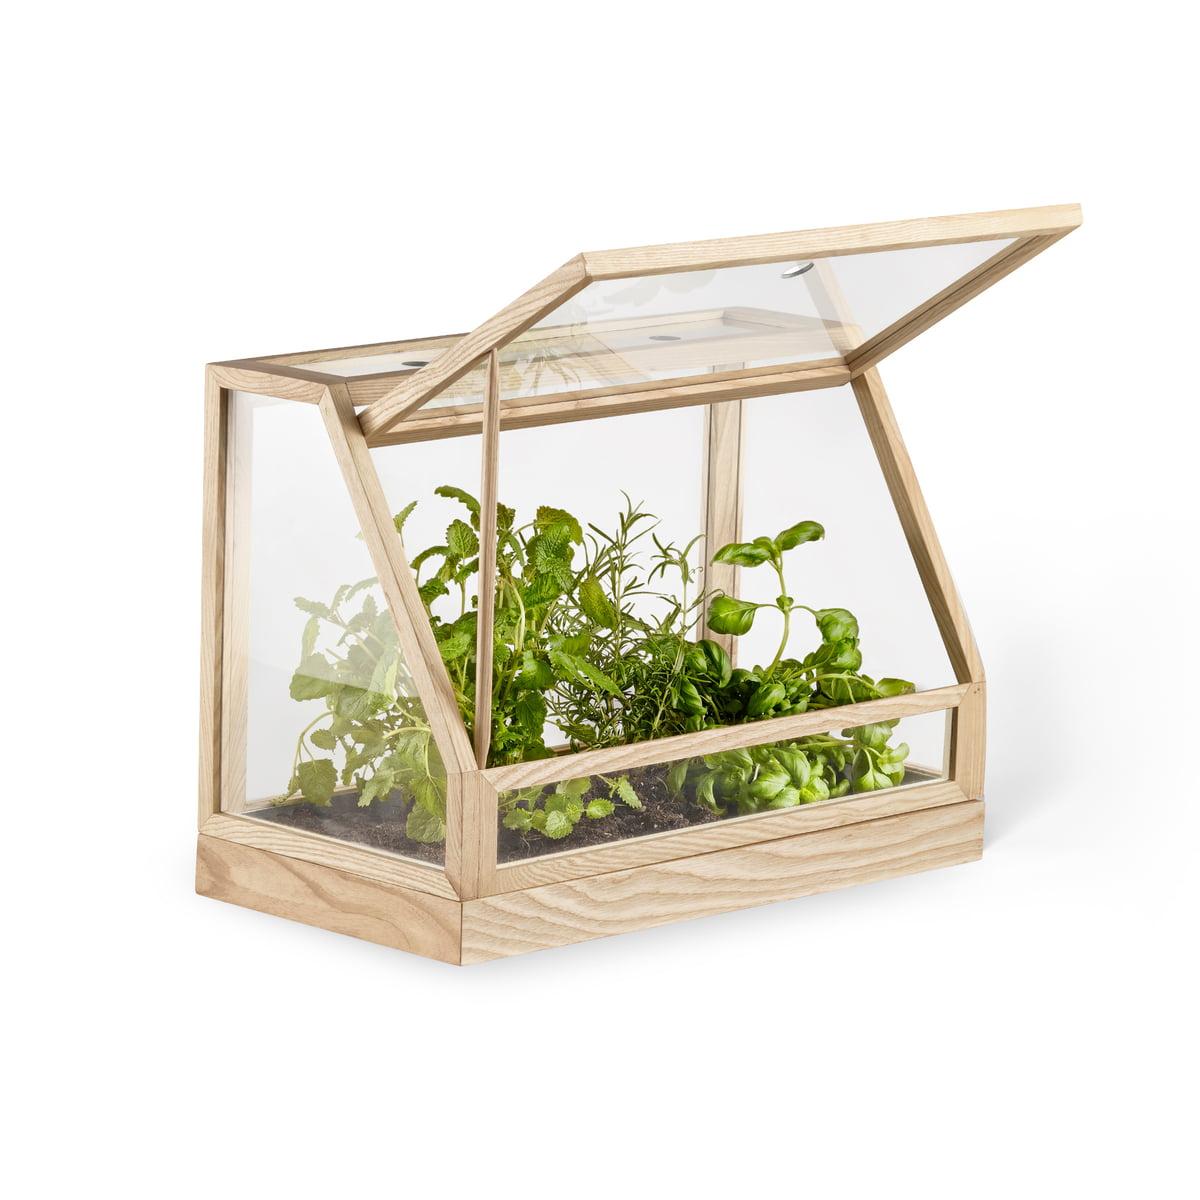 greenhouse mini by design house stockholm. Black Bedroom Furniture Sets. Home Design Ideas